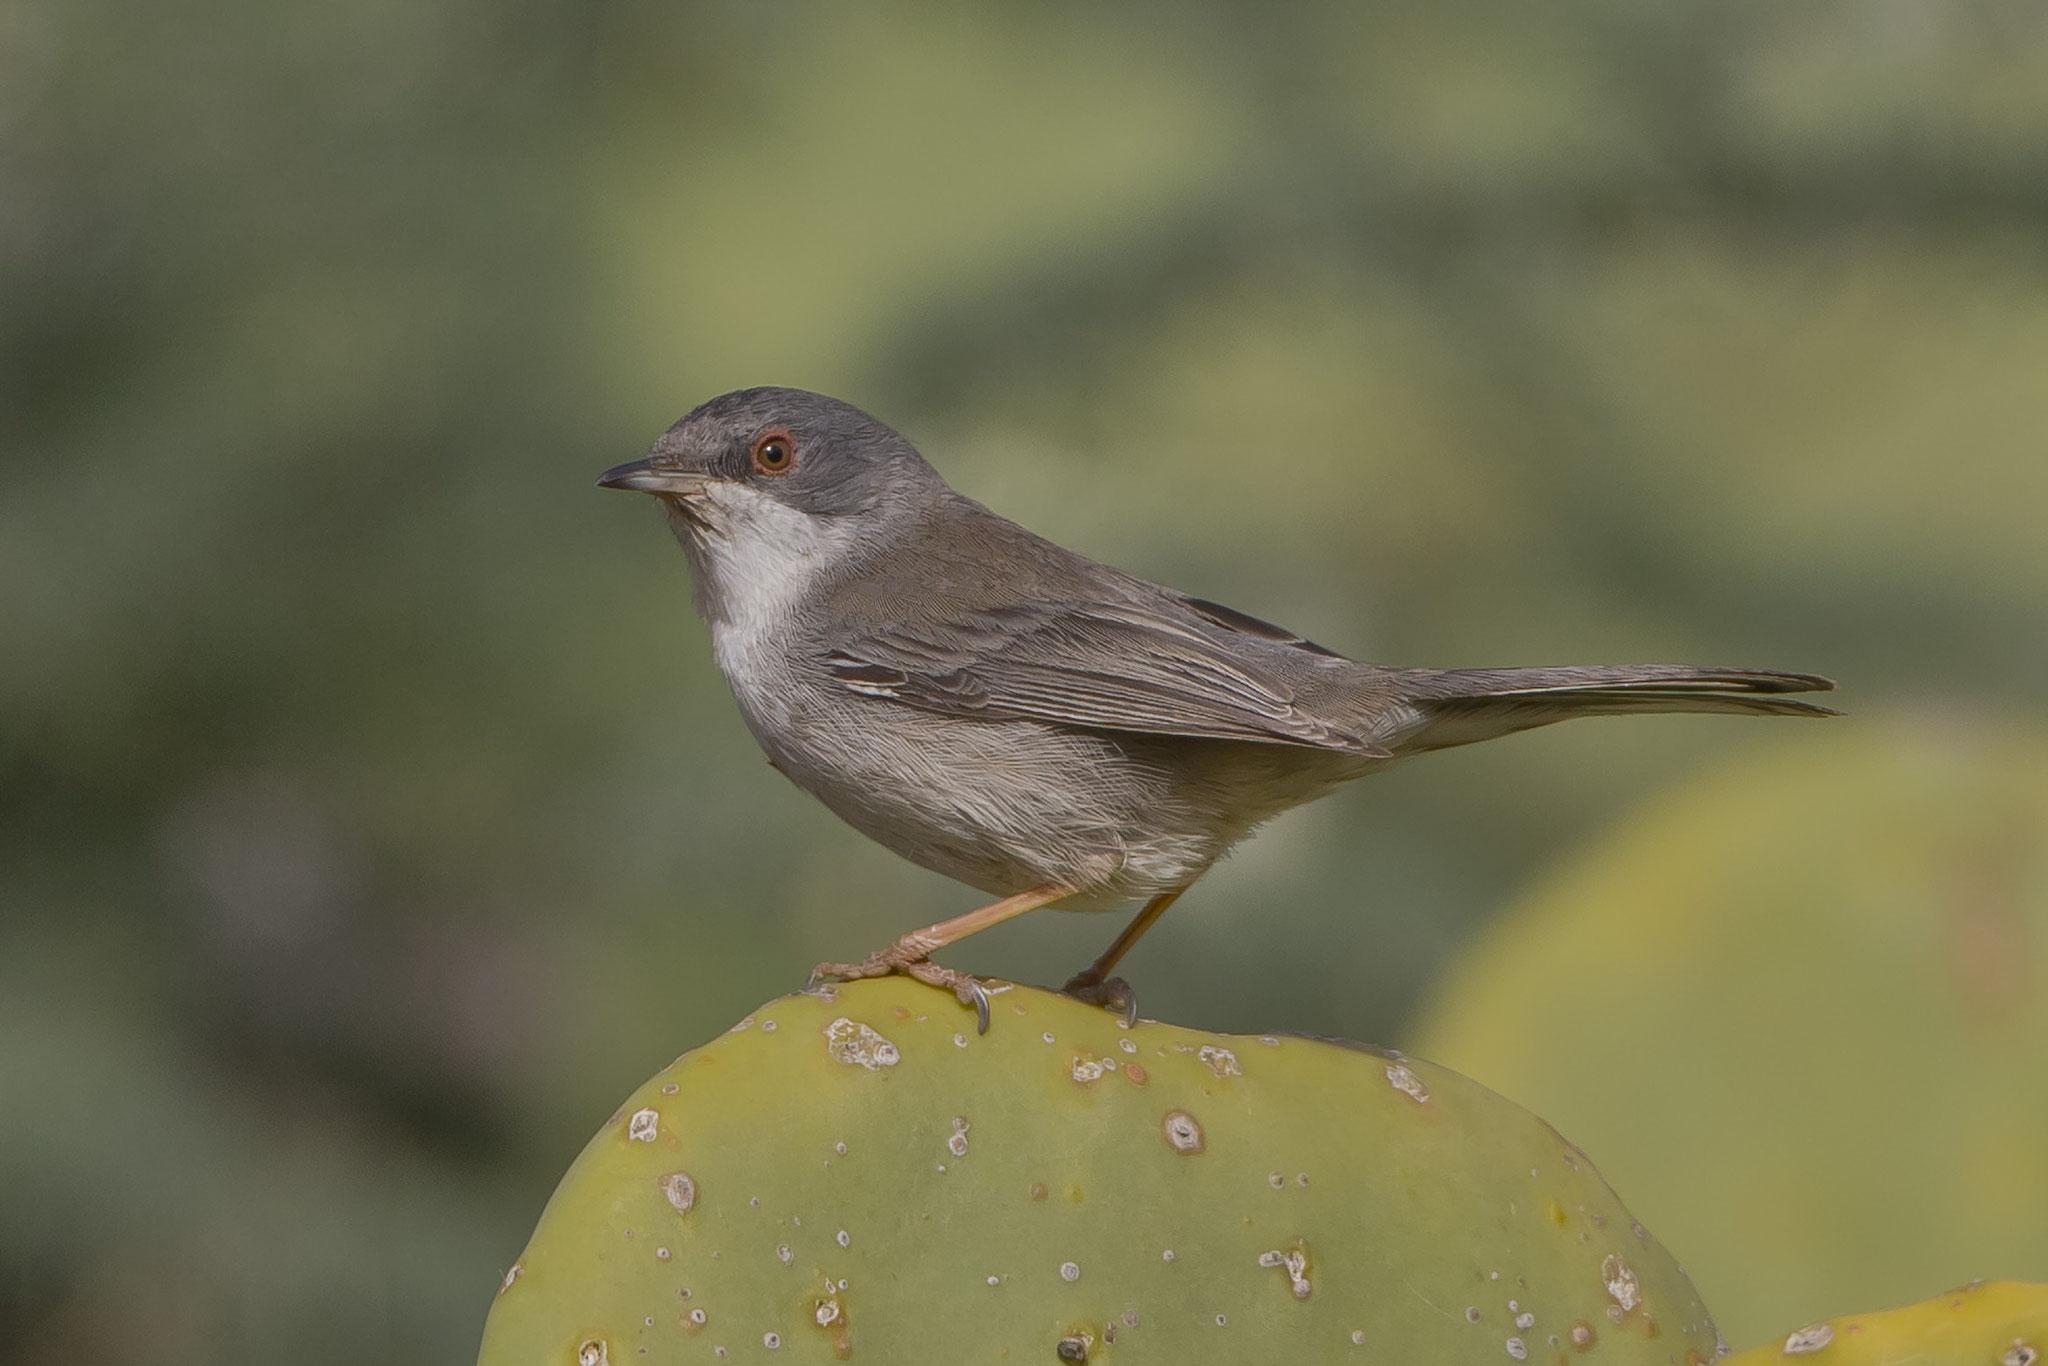 Samtkopfgrasmücke, (Weibchen), Fuerteventura, Spanien